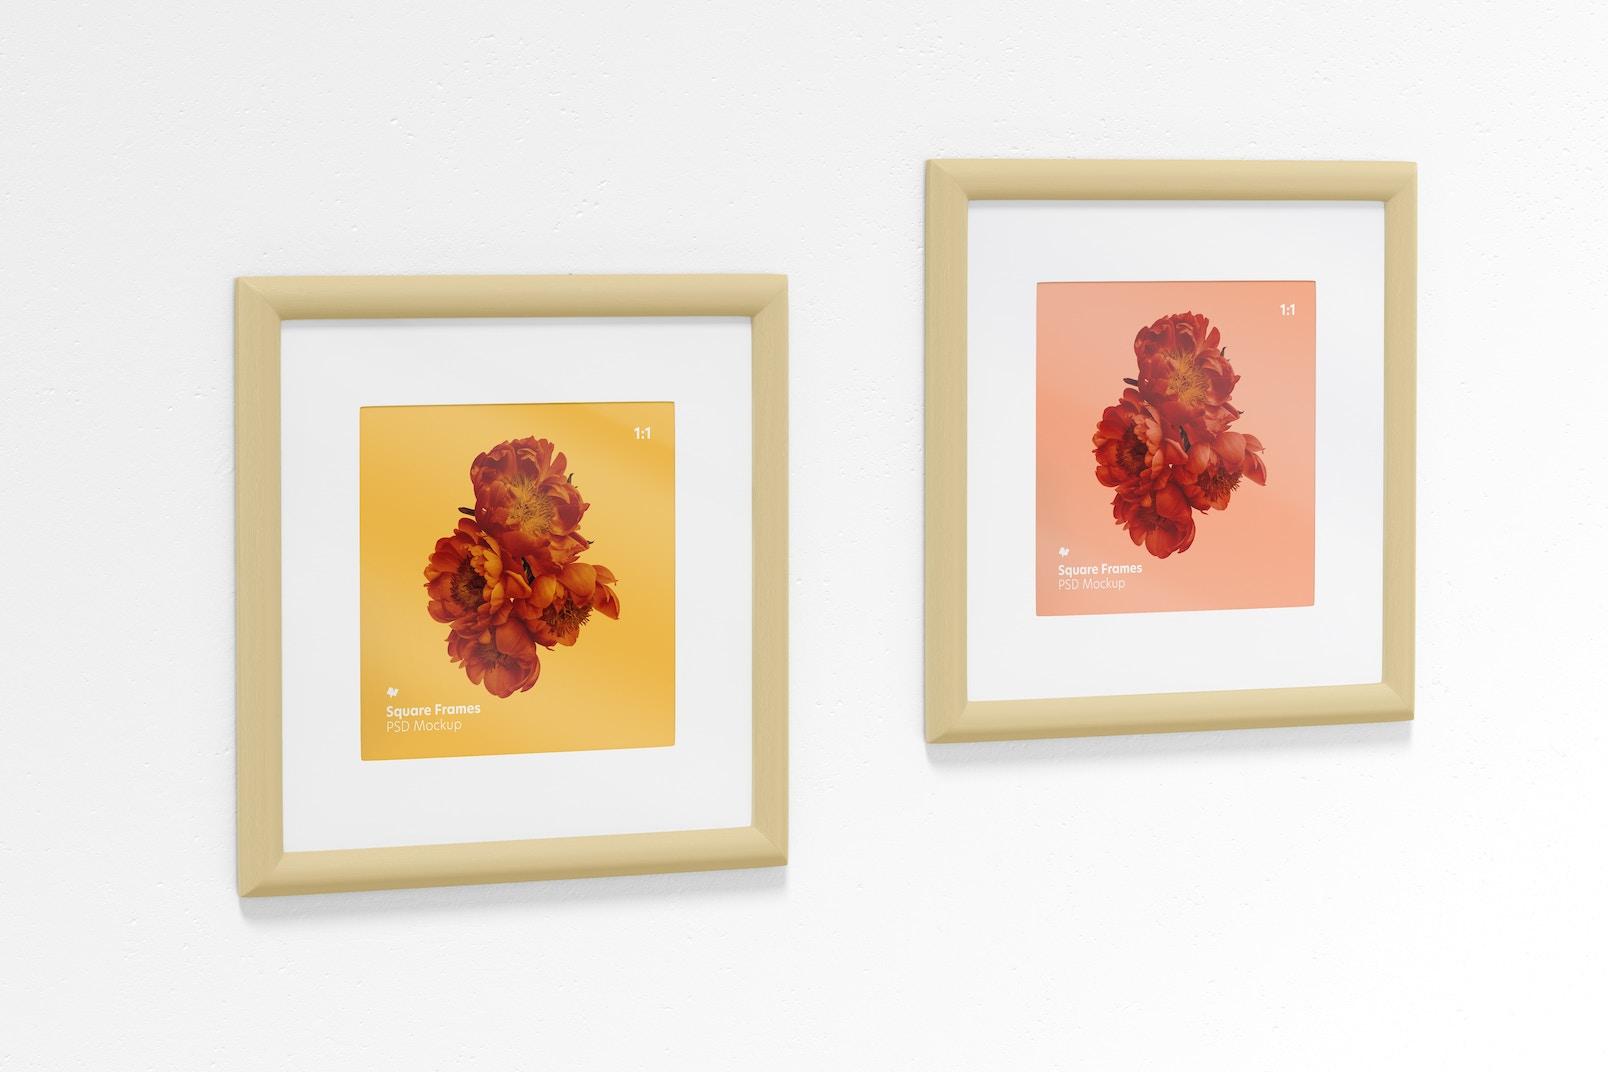 1:1 Square Frames Mockup, Left View